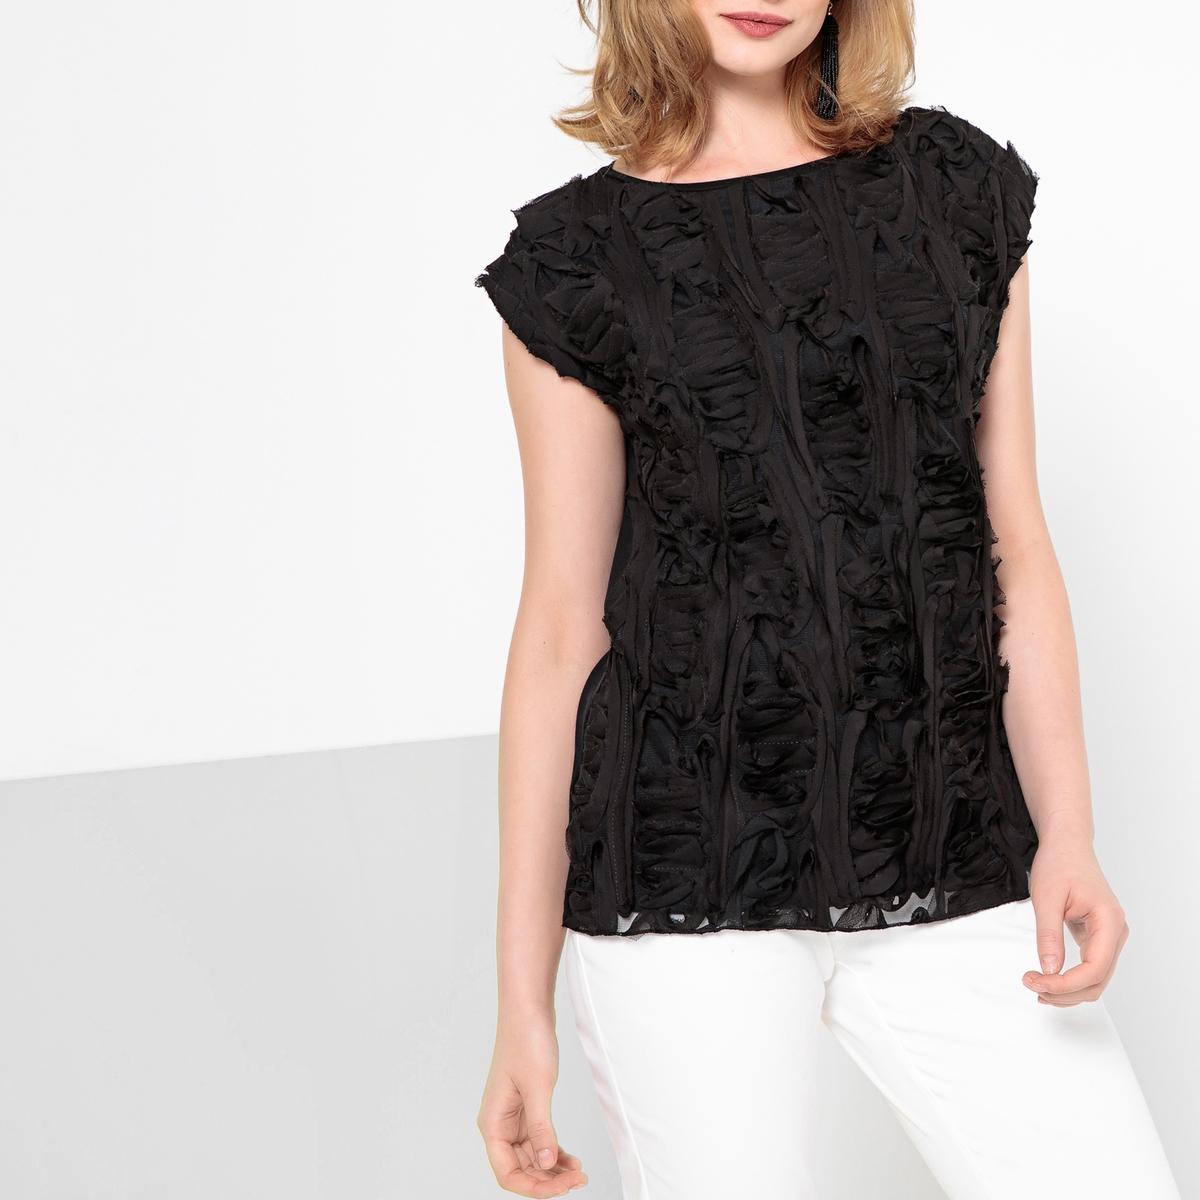 Imagen secundaria de producto de Camiseta con volante y cuello redondo, sin mangas - Anne weyburn